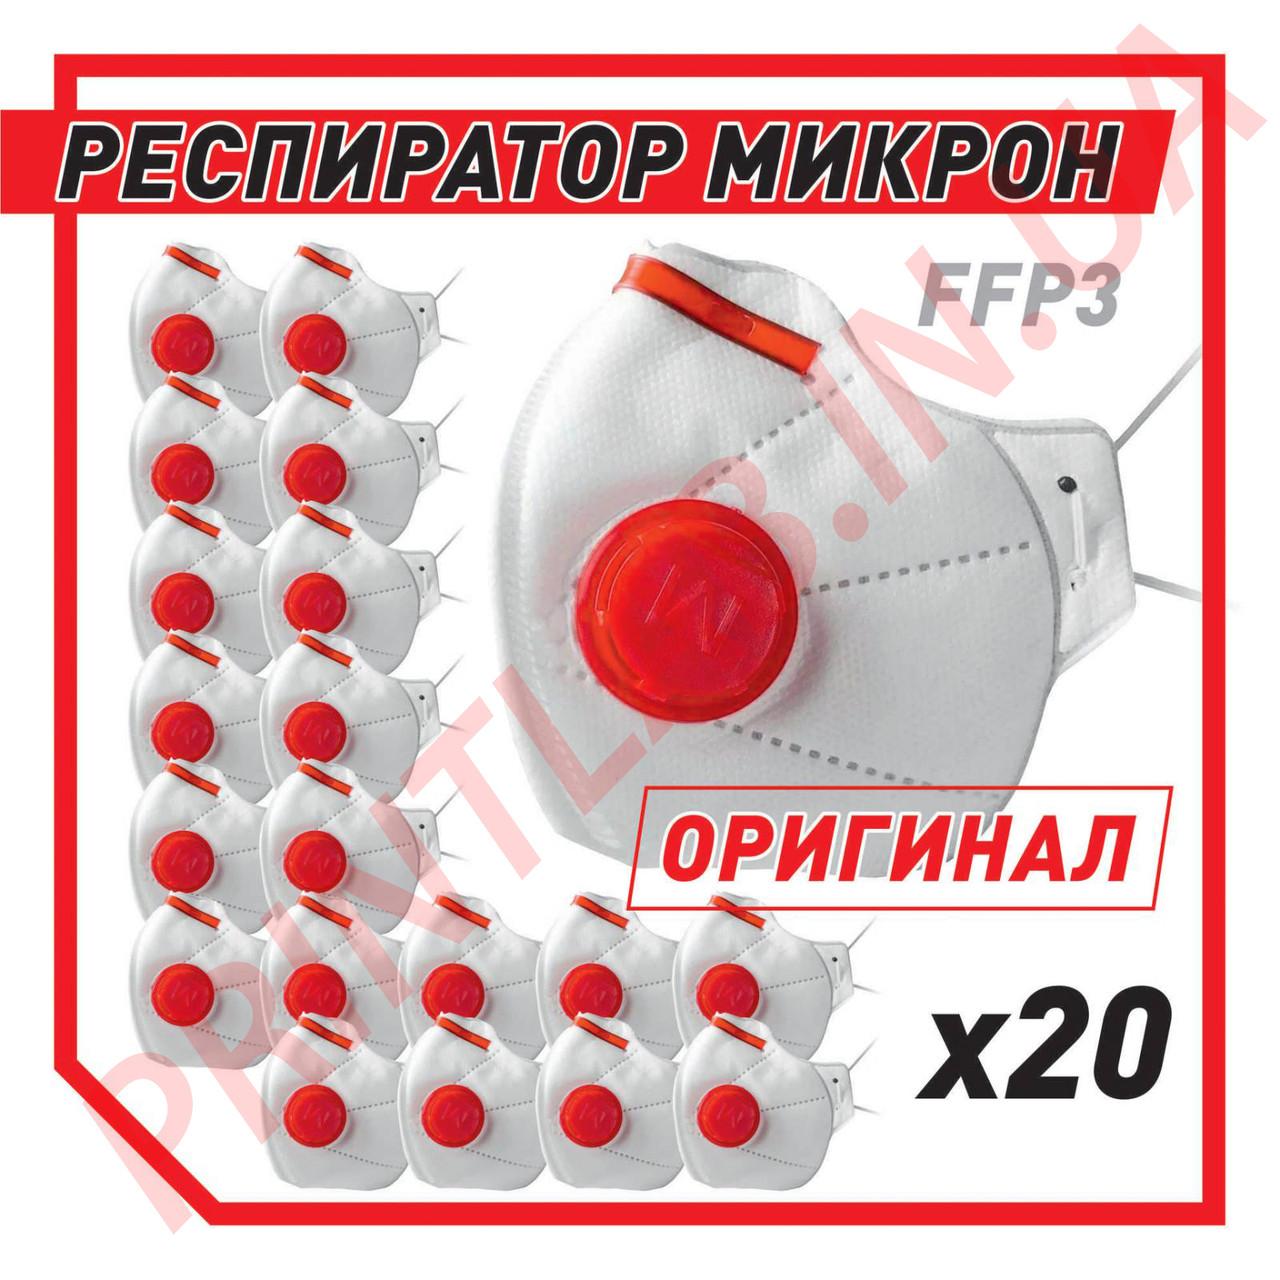 Маска защитная Респиратор Микрон FFP3 комплект 20 штук ОРИГИНАЛ, самая высокая степень защиты от вирусов